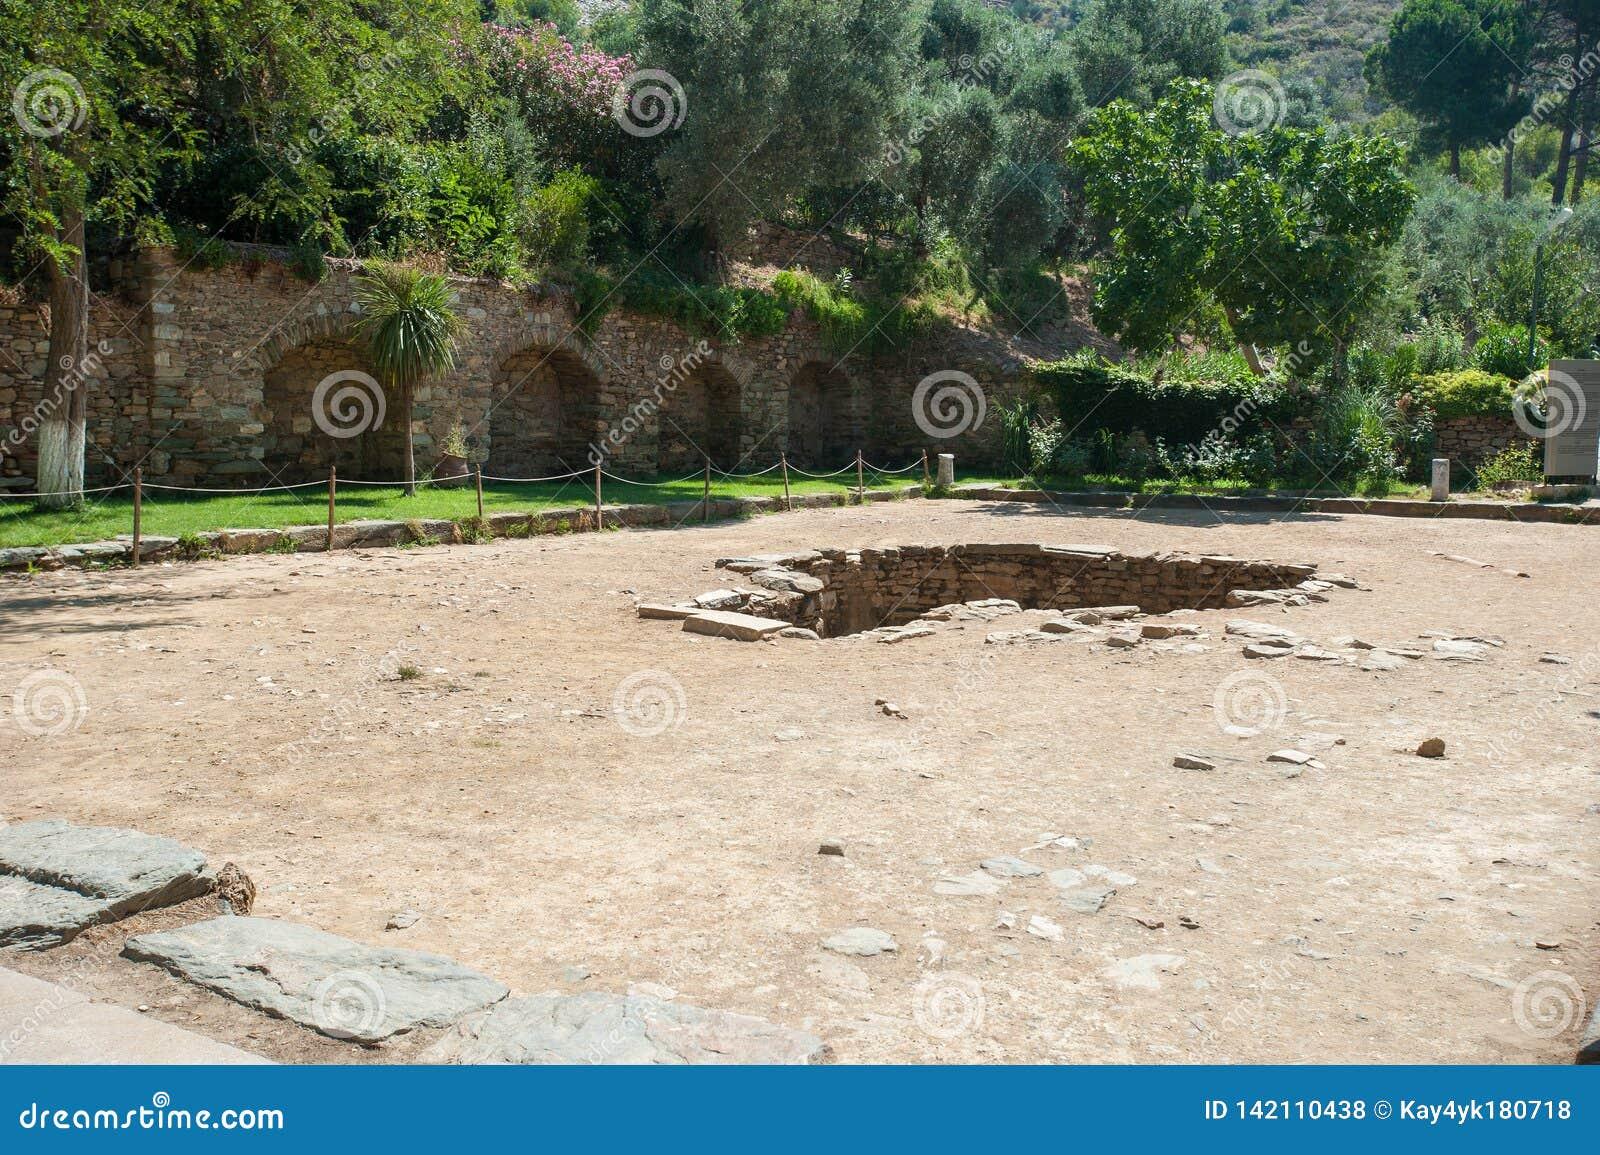 Ruiny antyczny miasto Ephesus staro?ytnego grka miasto w Turcja, w pi?knym letnim dniu